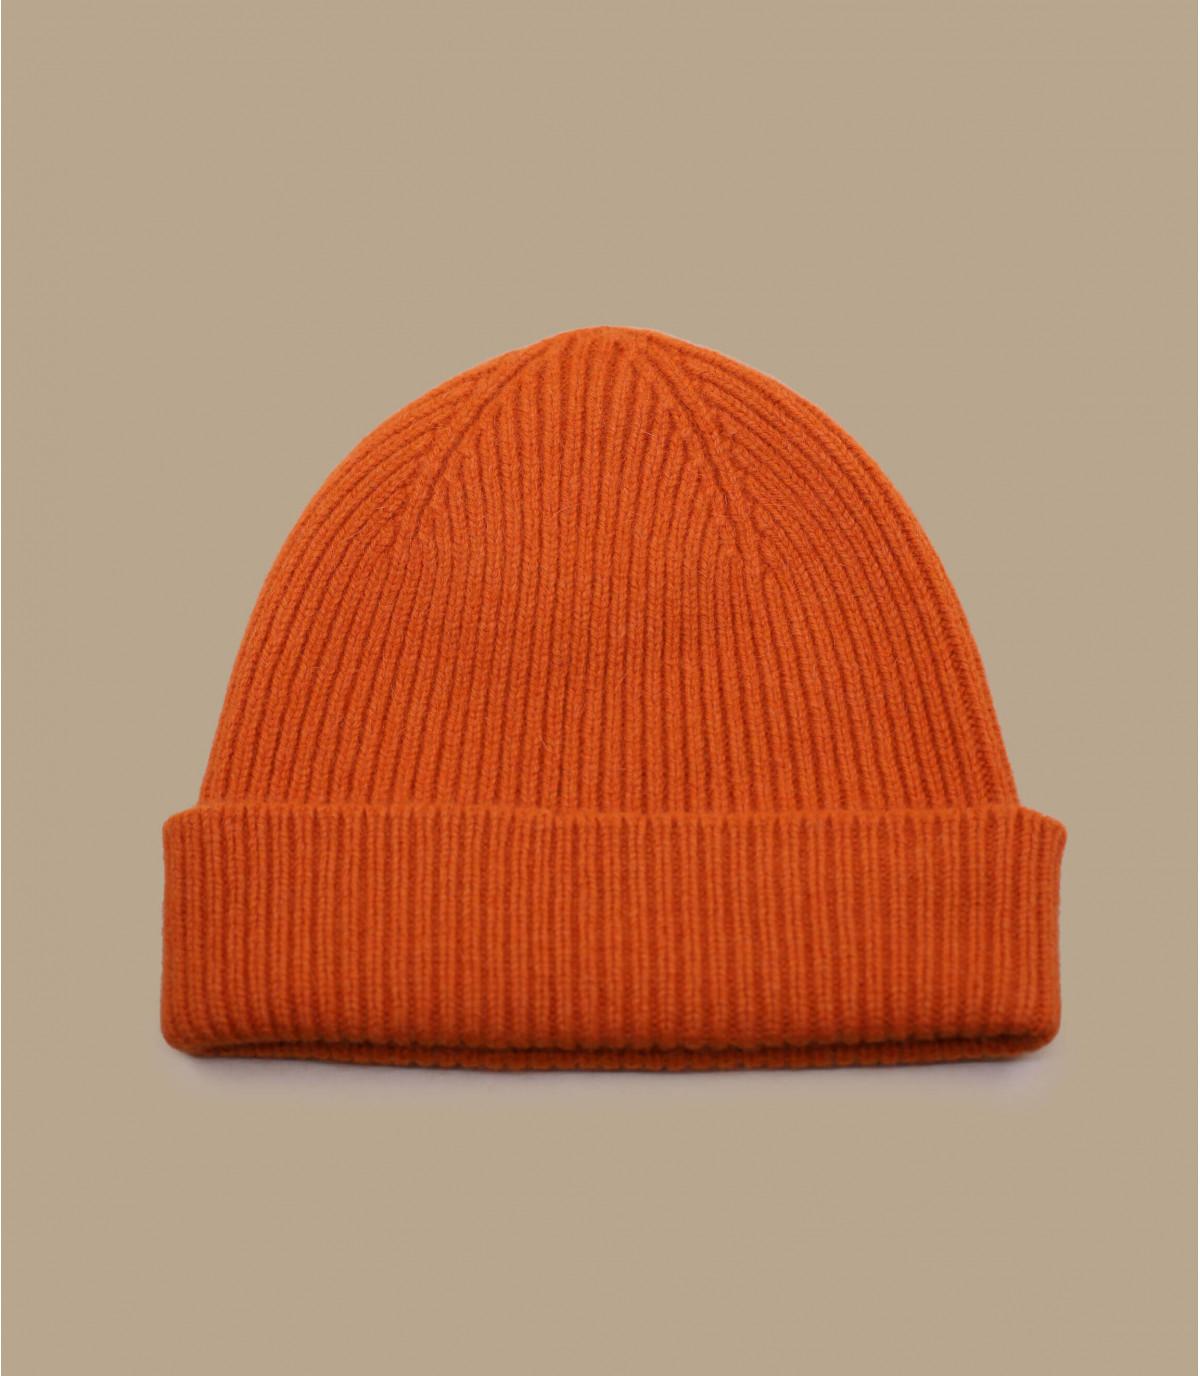 gorro de la solapa de angora de color naranja